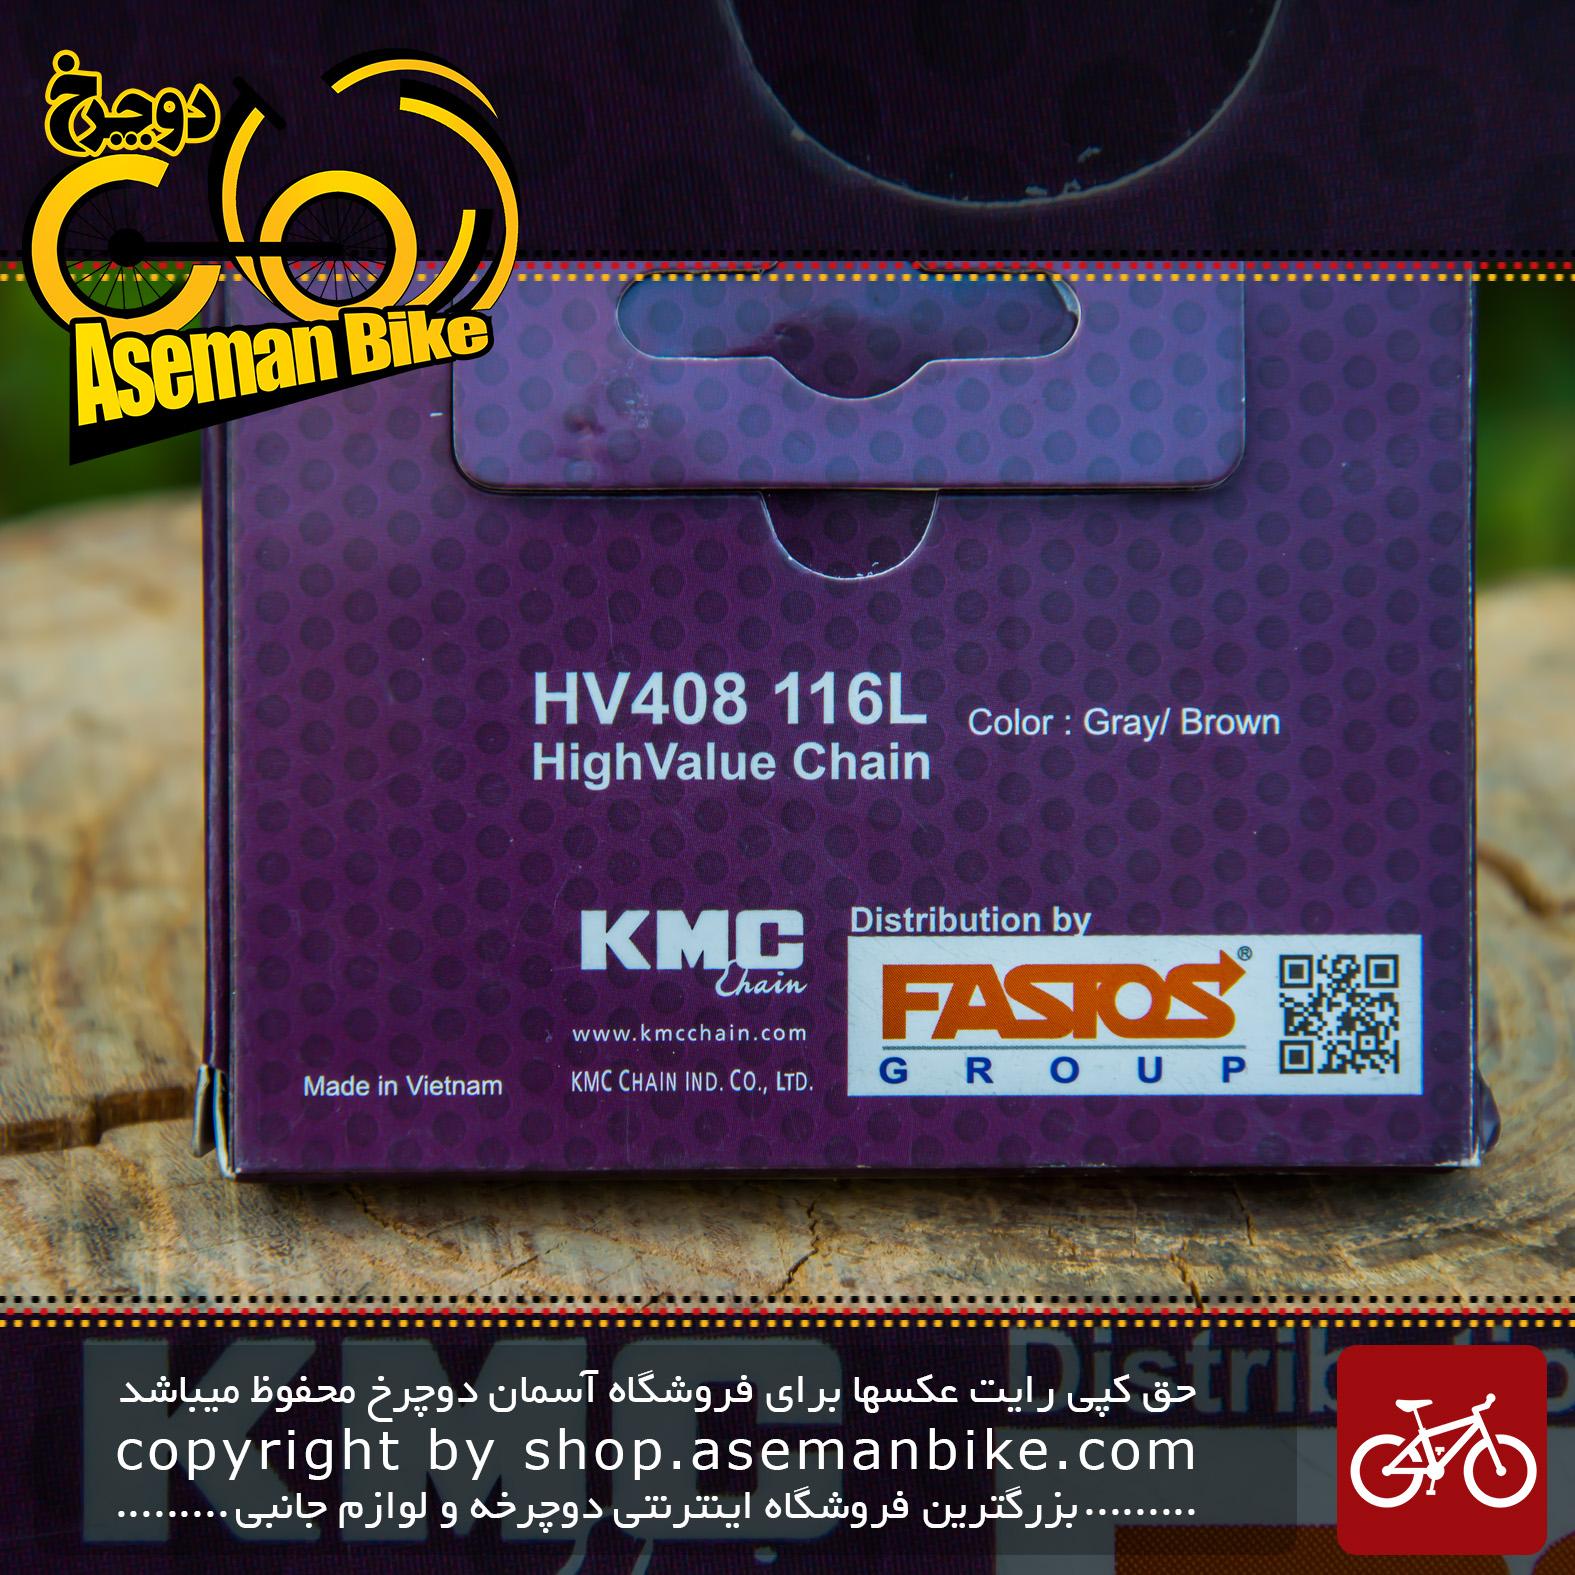 زنجیر دوچرخه چند سرعته برند کی ام سی مدل اچ وی 408 2 در 3 ساخت ویتنام Bicycle Chian KMC Brand Multi Speed 1 2x3 32 HV408 Vietnam